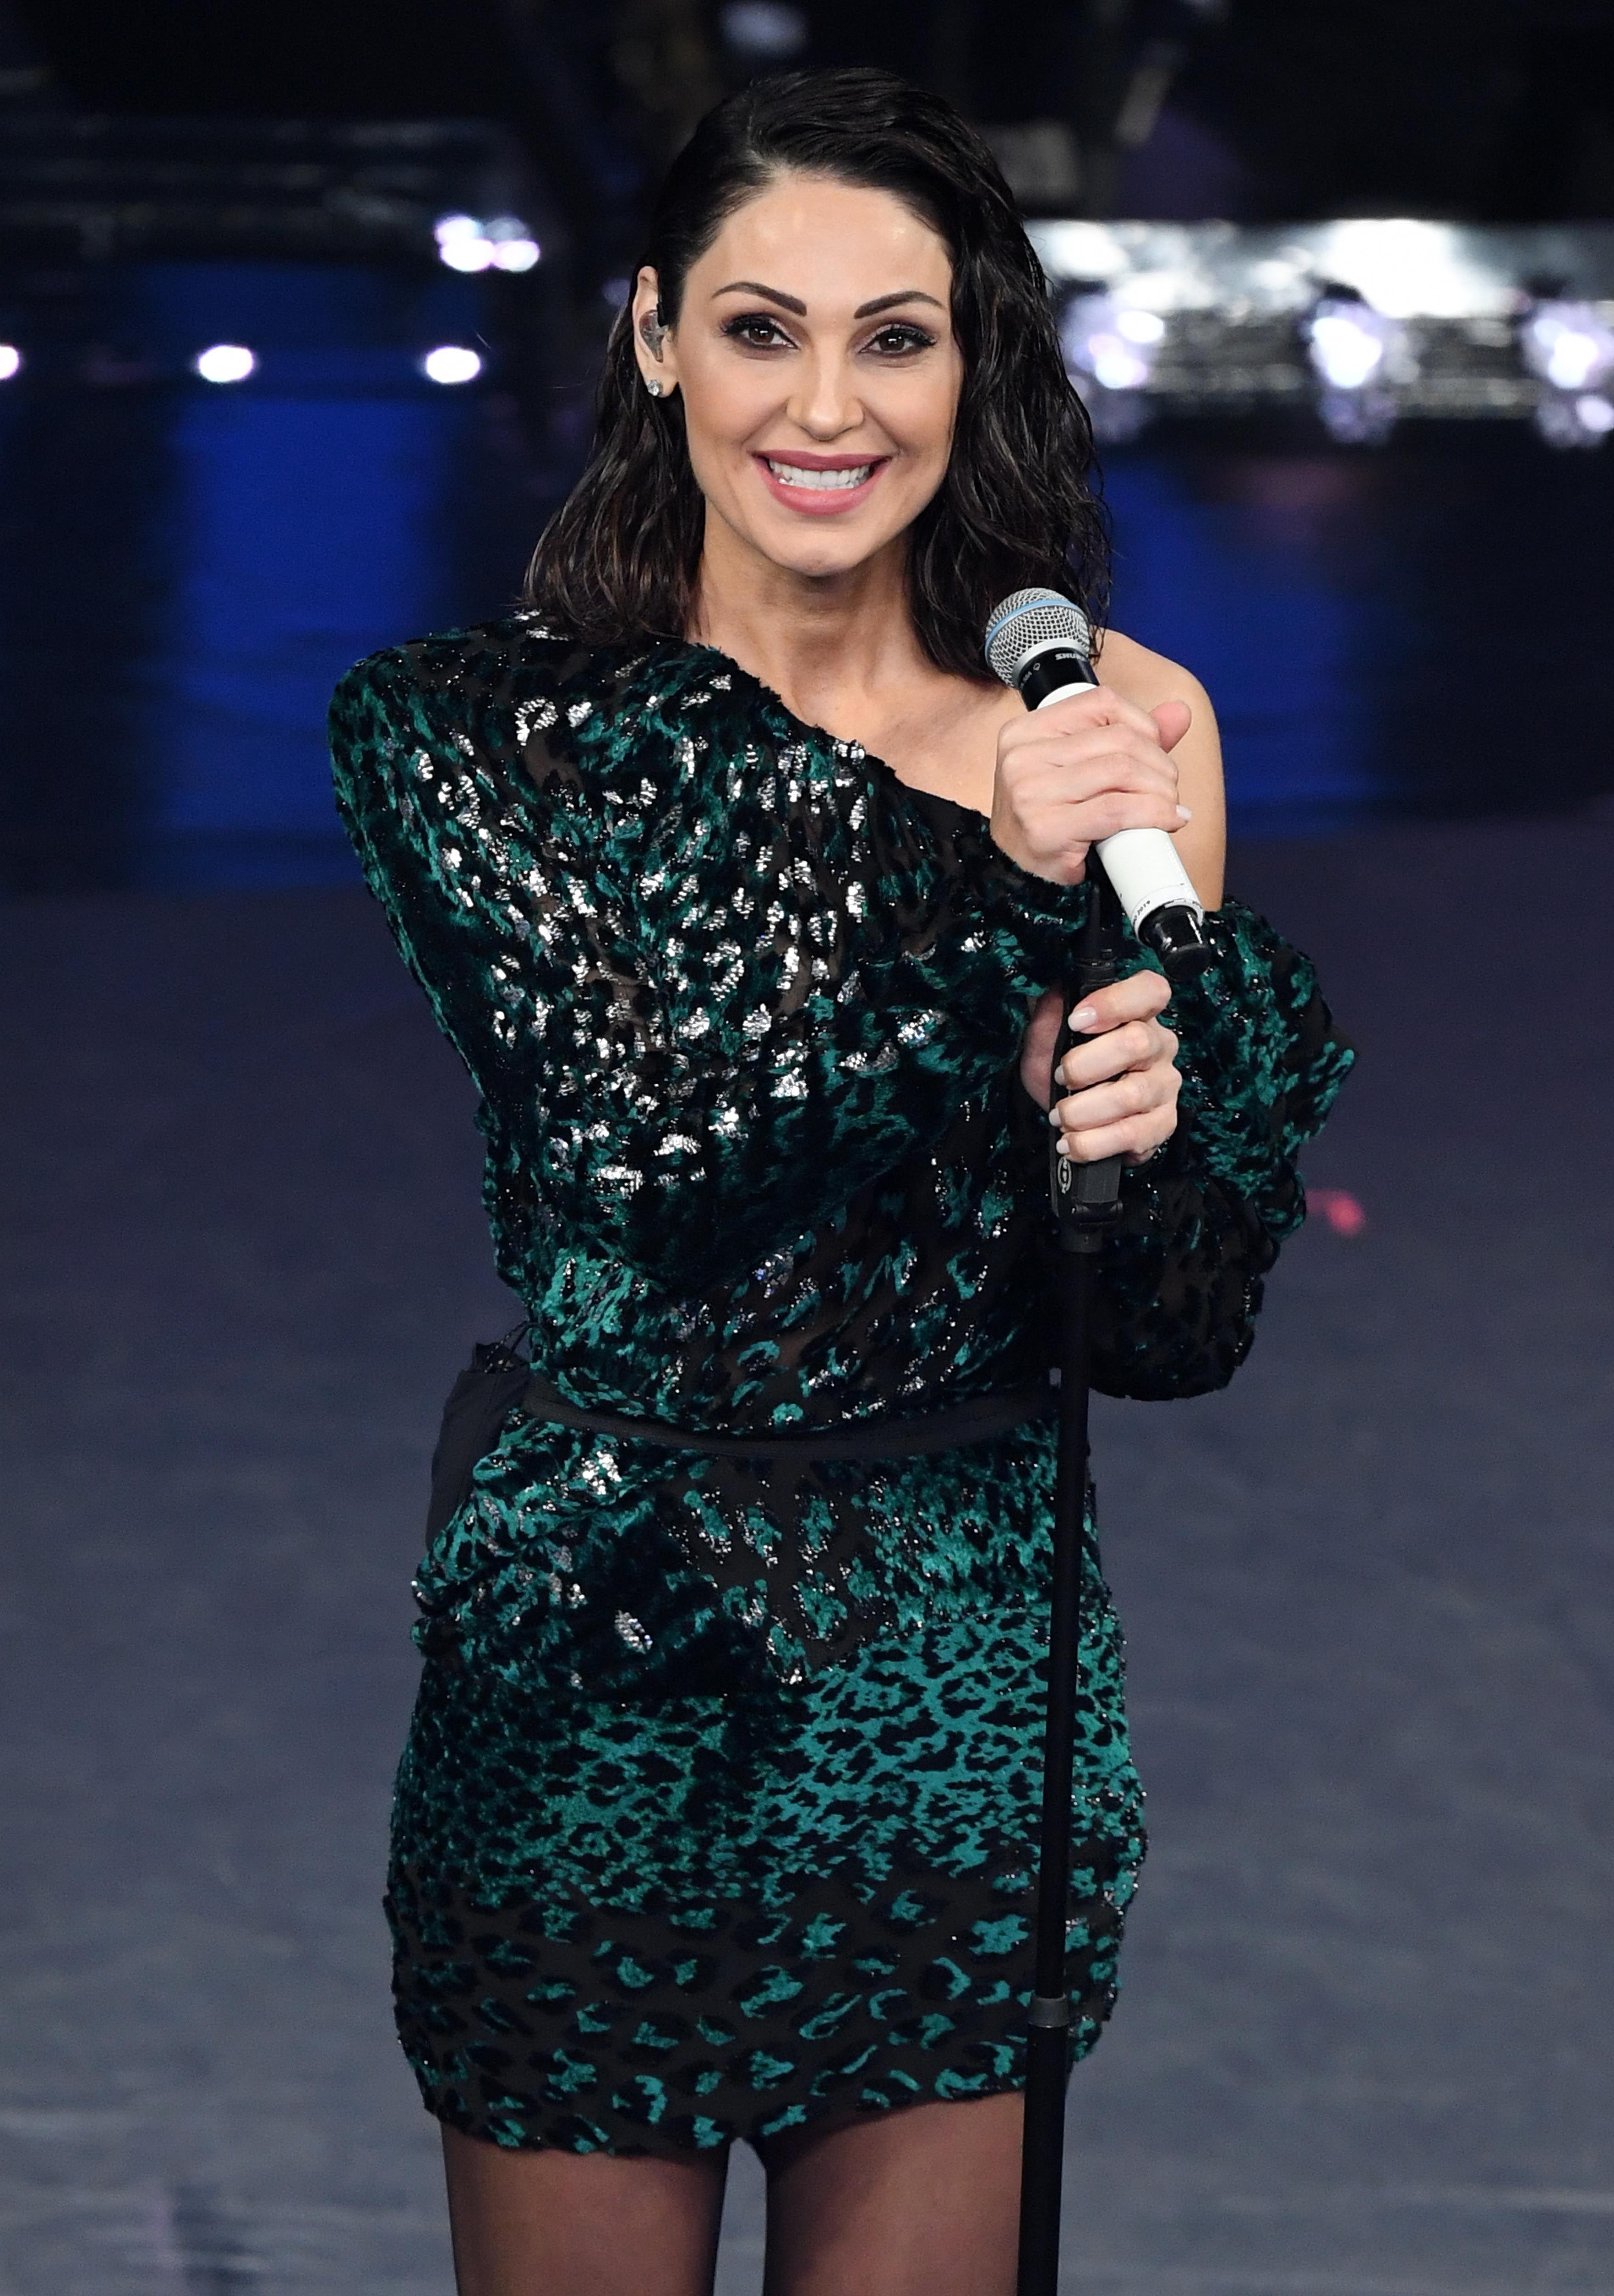 Sanremo 2019, le pagelle dei look per la terza serata